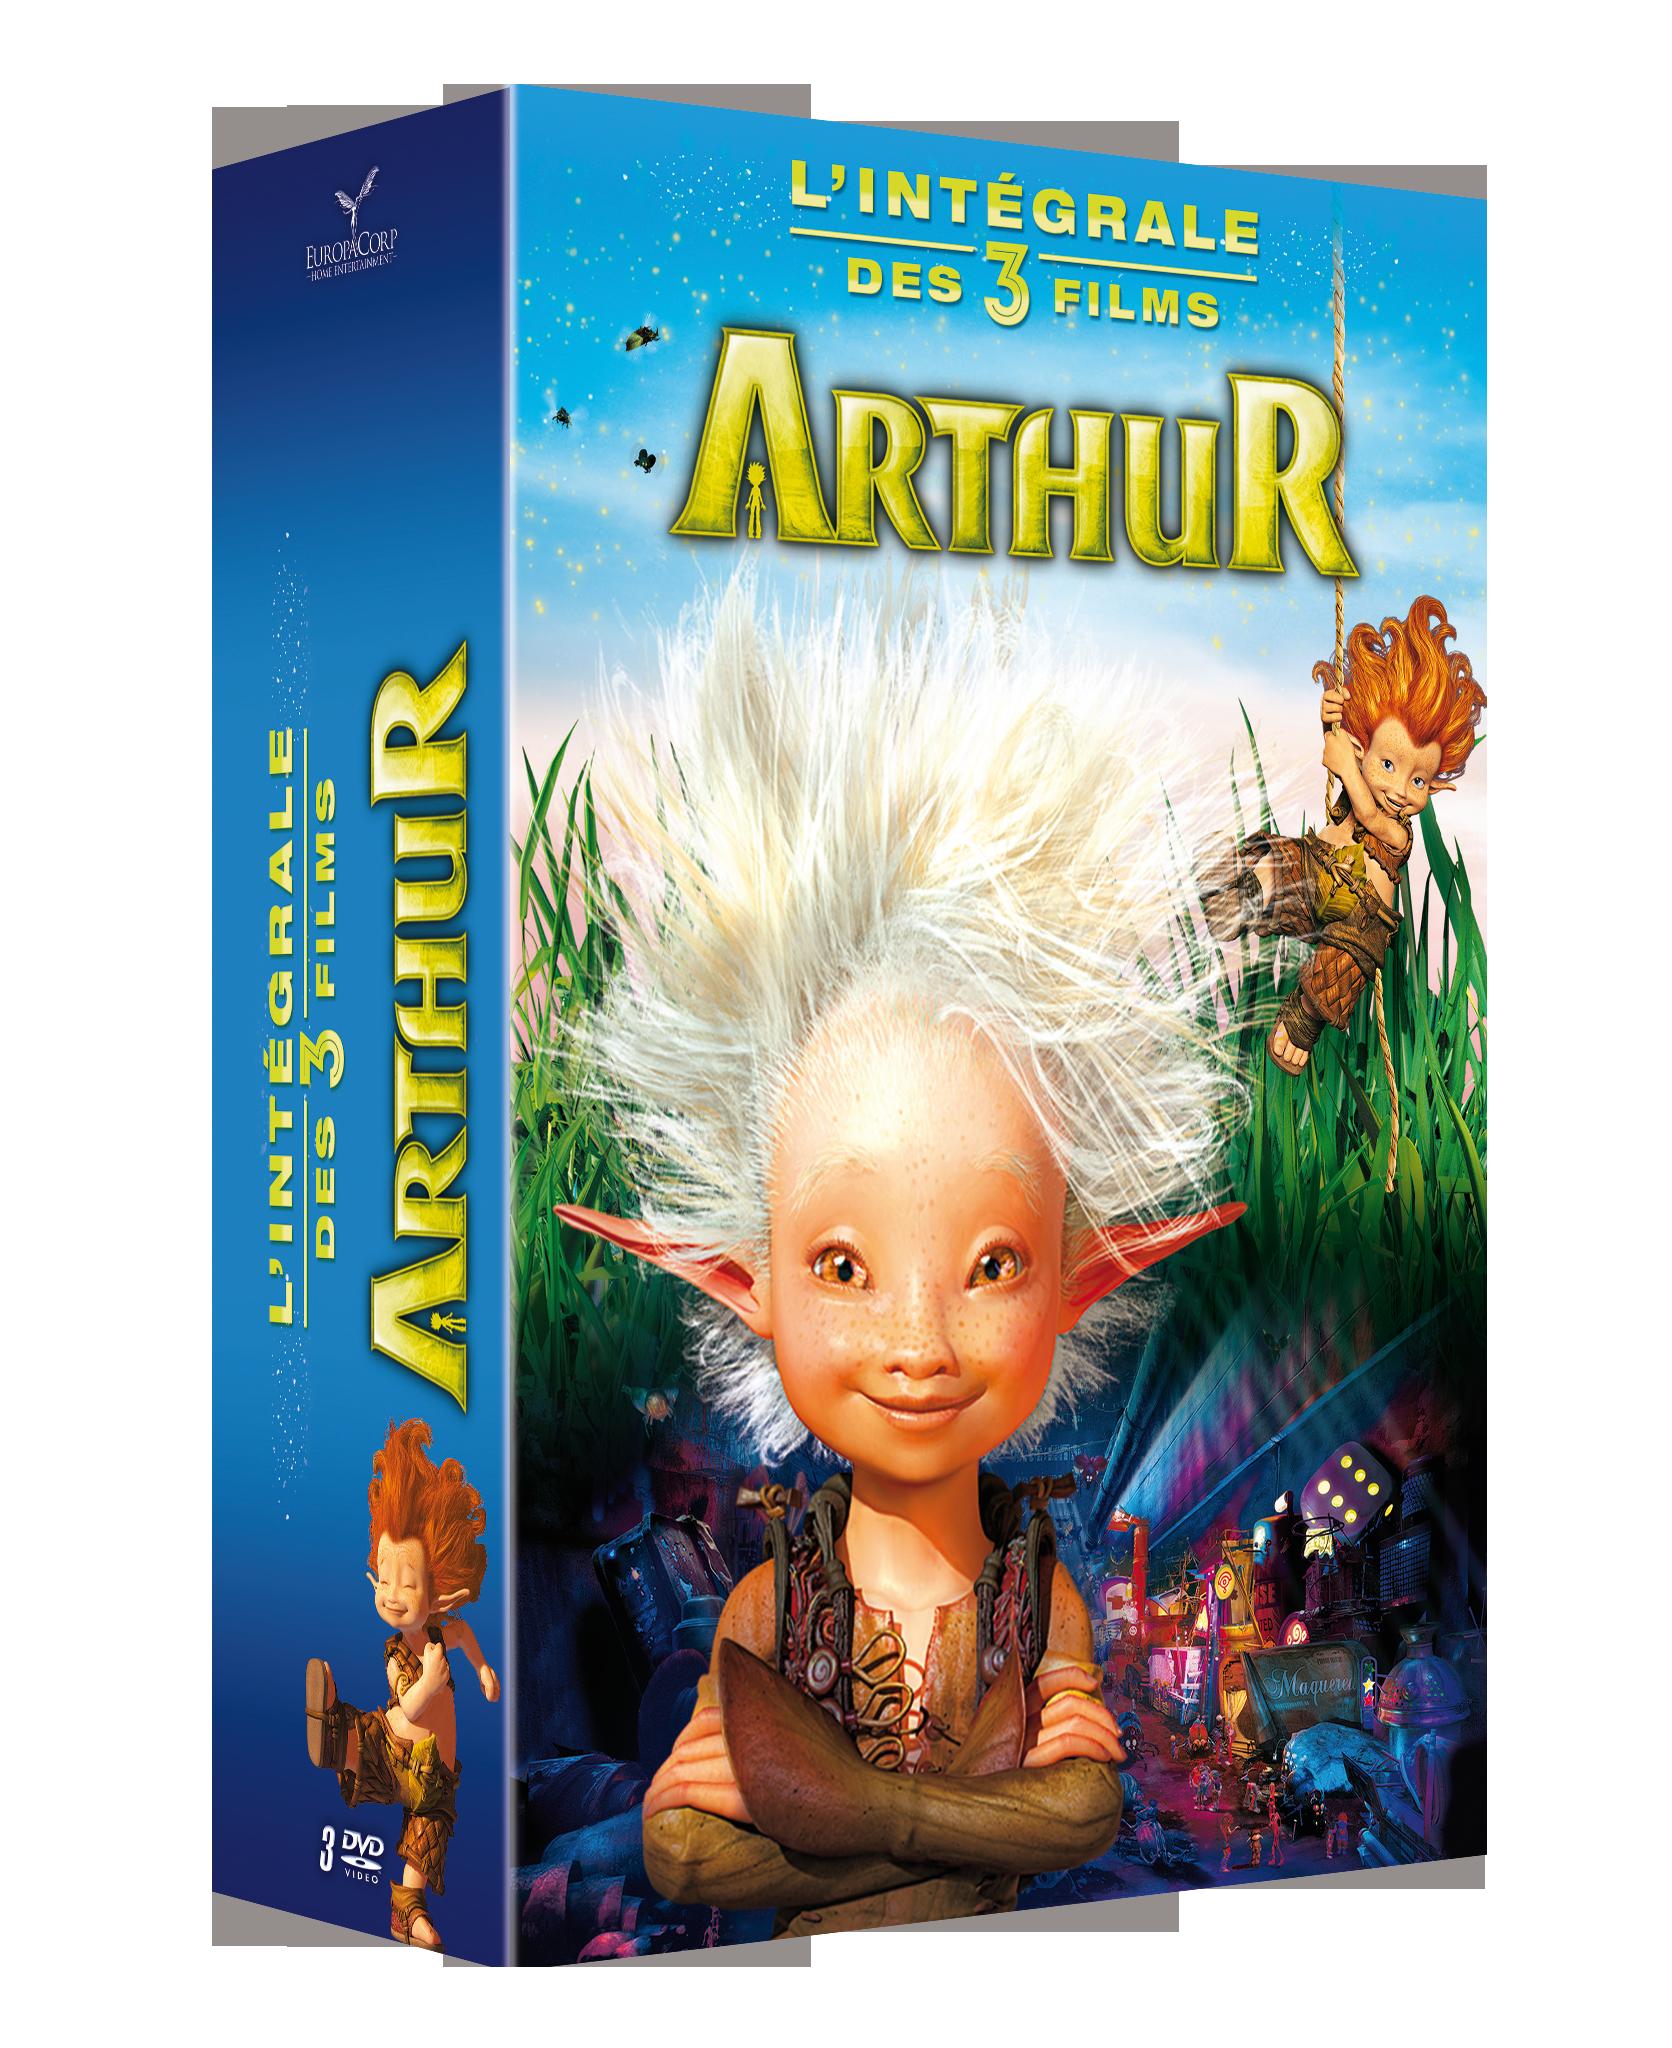 ARTHUR : INTEGRALE DES 3 FILMS (V2017)